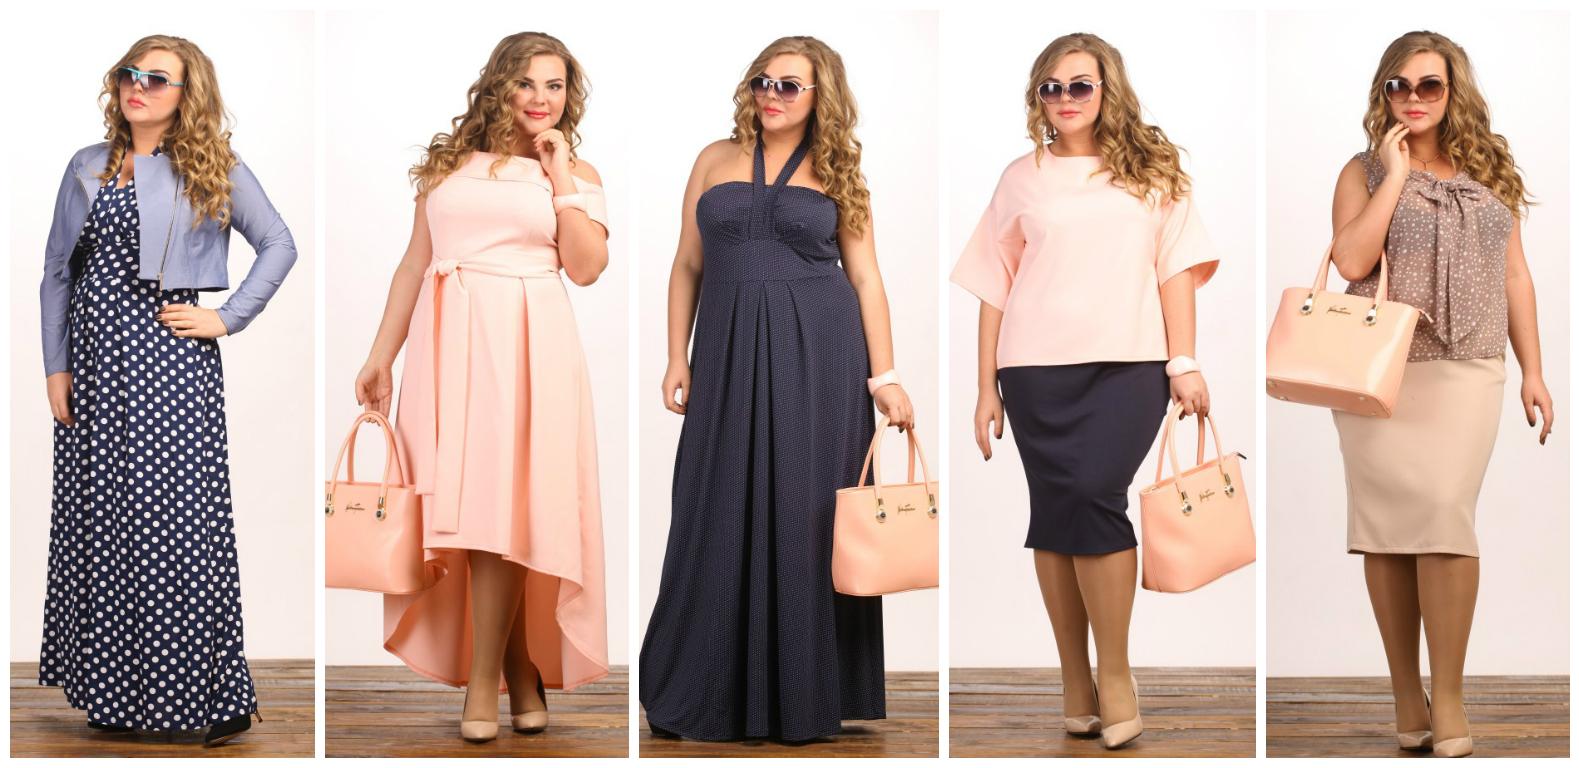 Сбор заказов. Роскошь достойная королевы. Встречаем новую, летнею коллекцию изумительной красоты по супер ценам!! Платья, блузы, жакеты, костюмы и много всего. Размеры 48 - 72 ! Выкуп 32